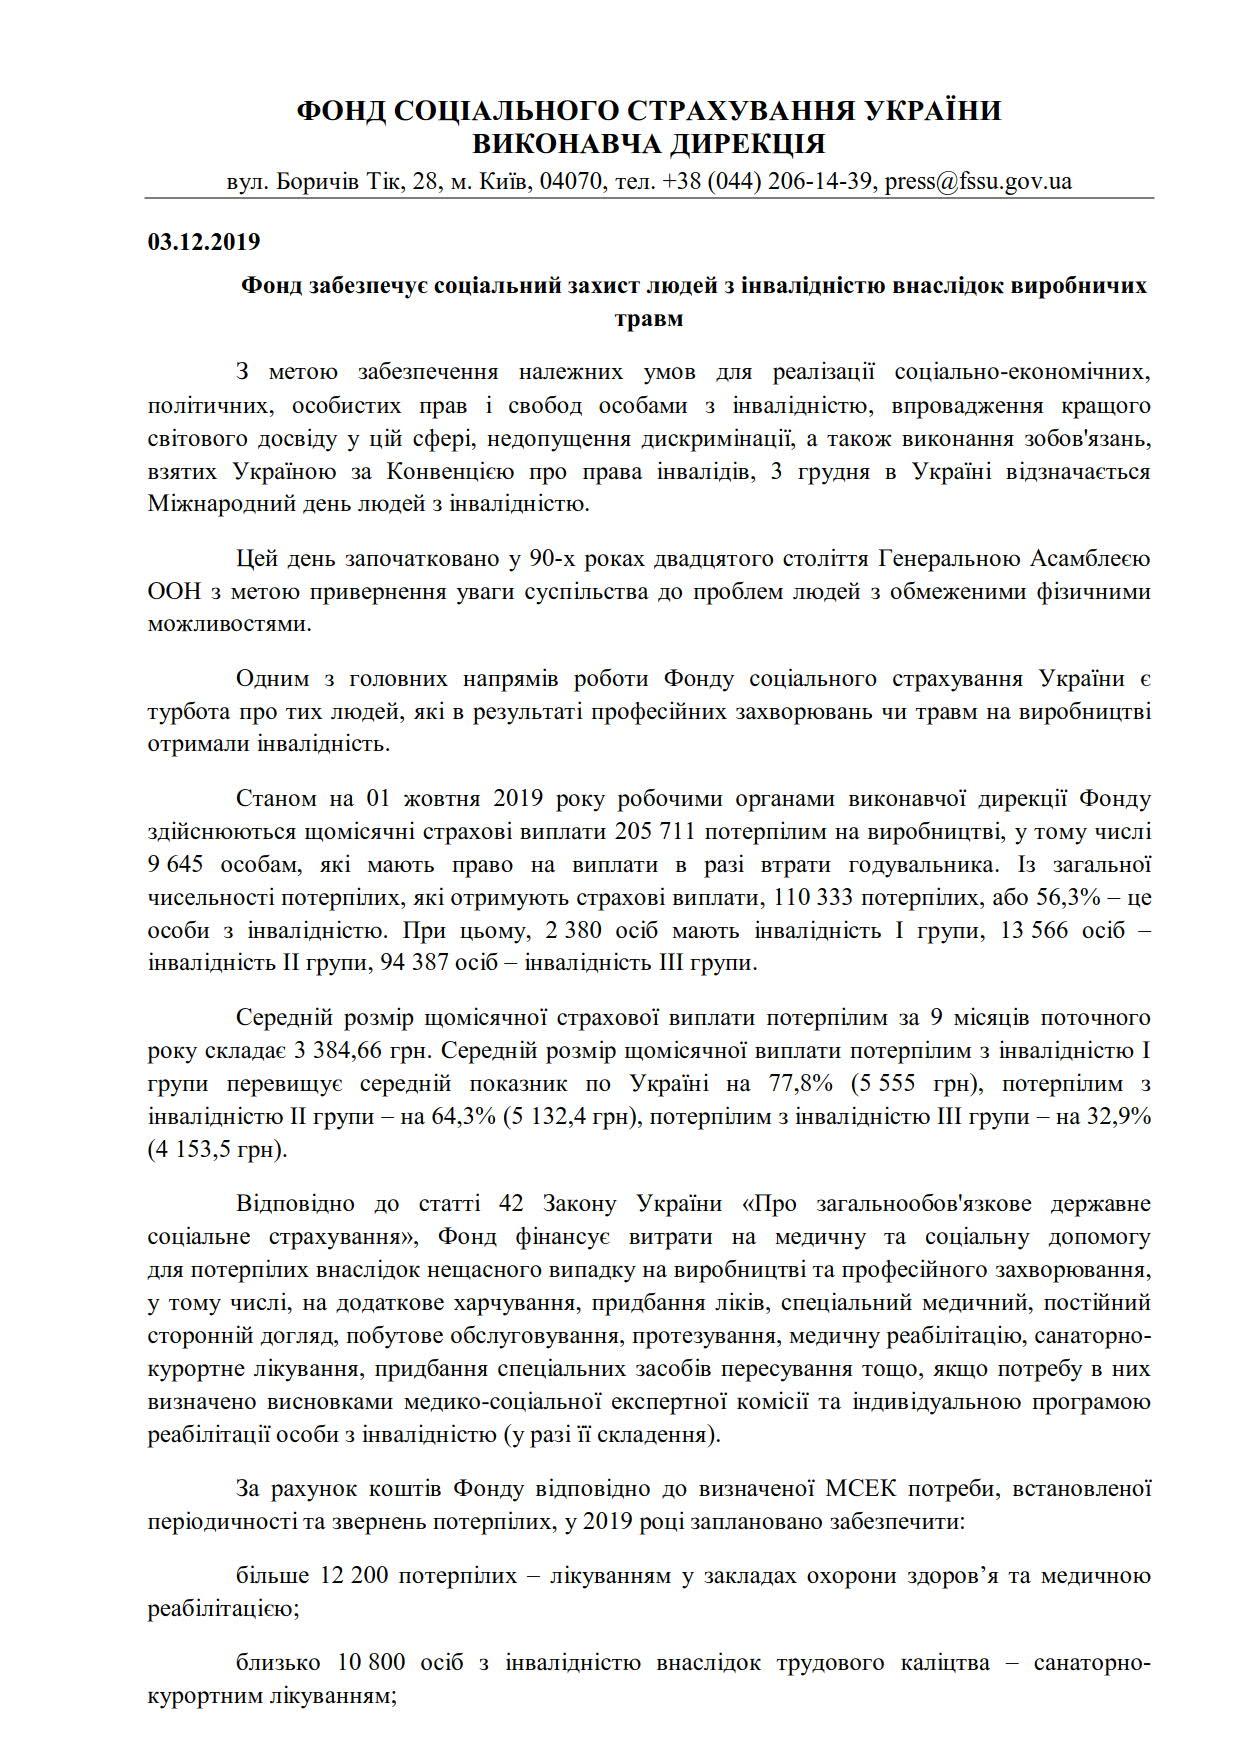 ФССУ_День осіб з інвалідністю_1